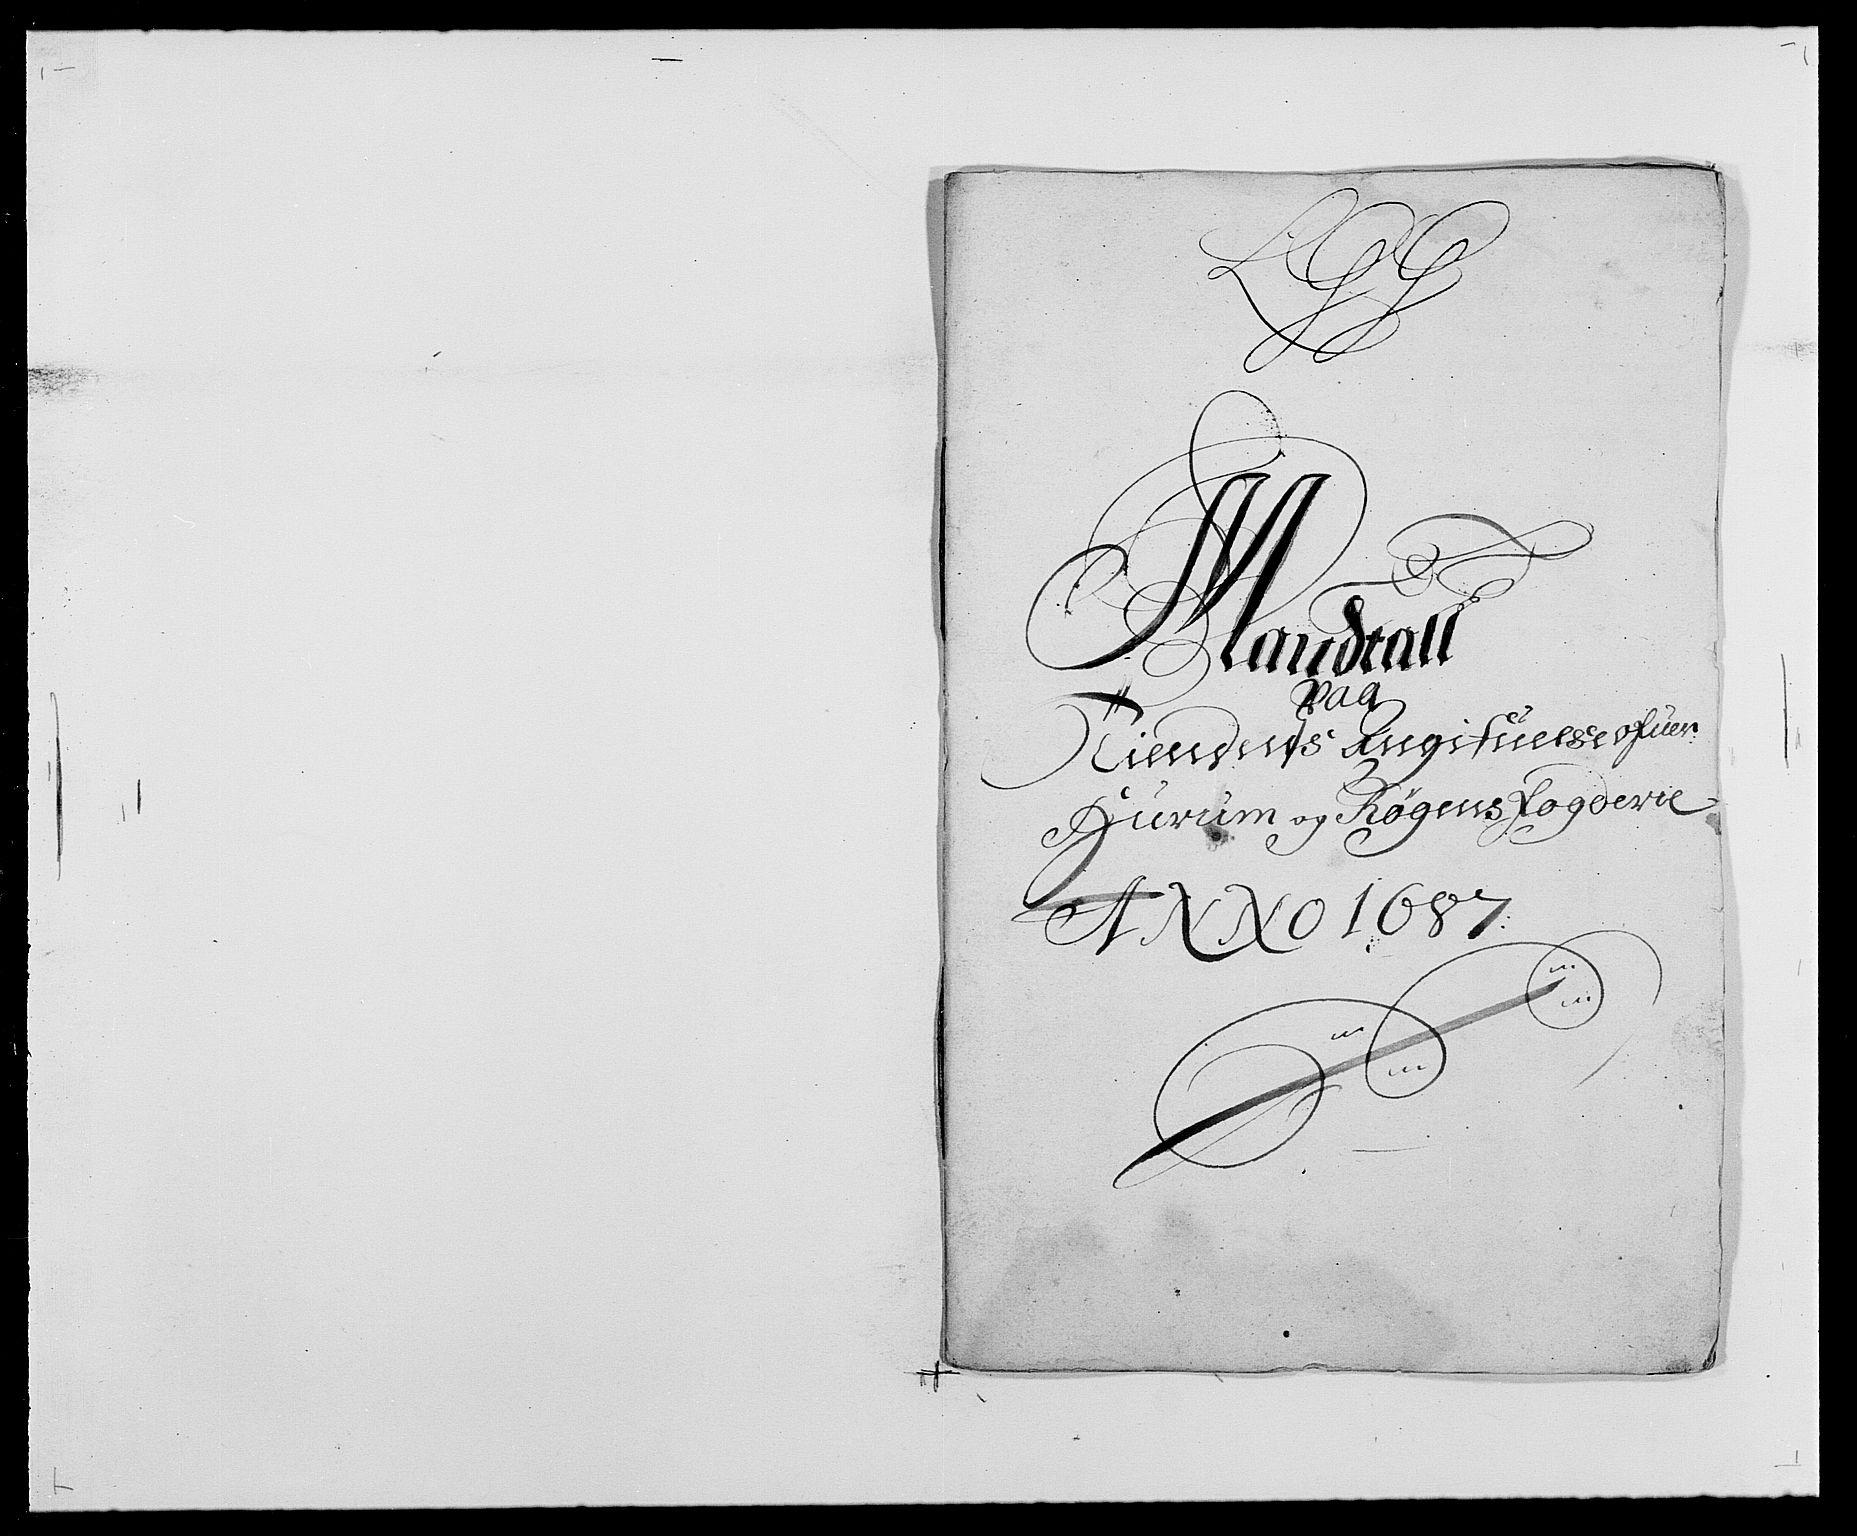 RA, Rentekammeret inntil 1814, Reviderte regnskaper, Fogderegnskap, R29/L1692: Fogderegnskap Hurum og Røyken, 1682-1687, s. 308